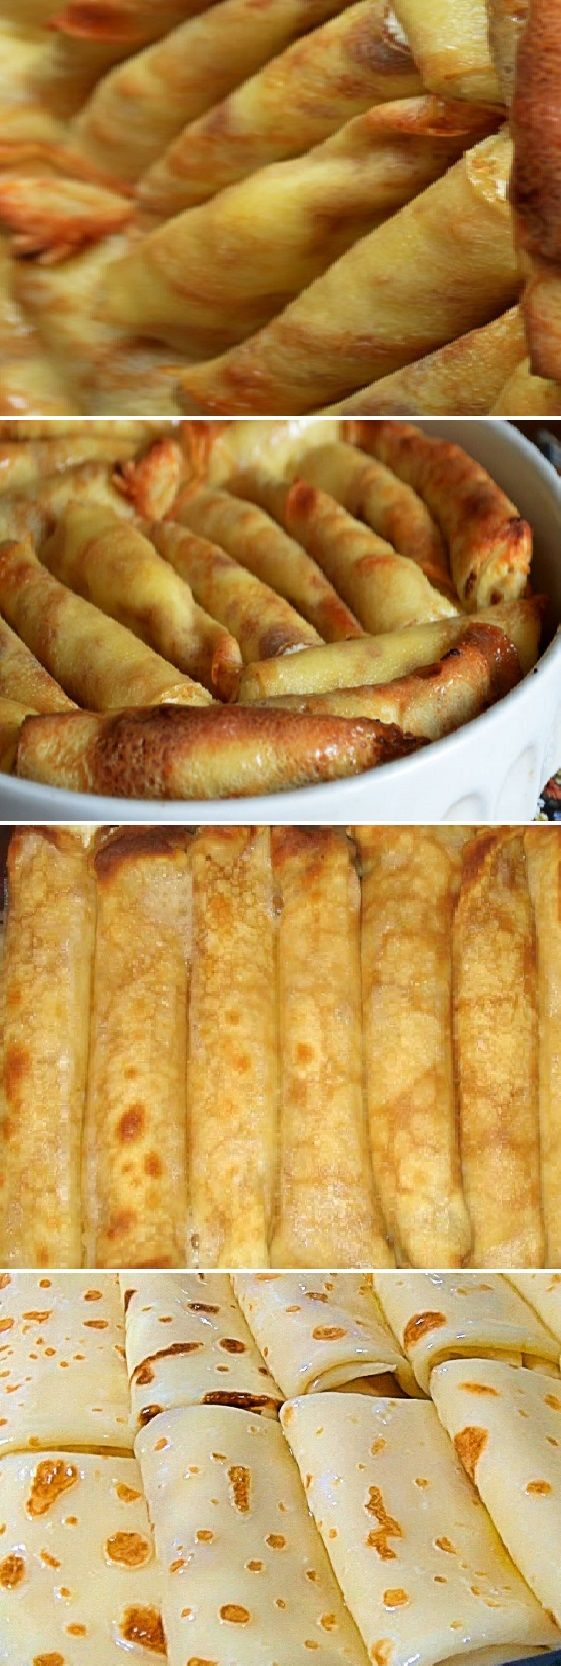 Estos CREPES literalmente se funden en la boca. ¡Te sorprenderás, pero..no llevan harina! #crepe #crepes  #pan #panfrances #pantone #panes #pantone #pan #receta #recipe #casero #torta #tartas #pastel #nestlecocina #bizcocho #bizcochuelo #tasty #cocina #chocolate  Coloca el relleno sobre los crepes. Envuélvelos de la manera que t...